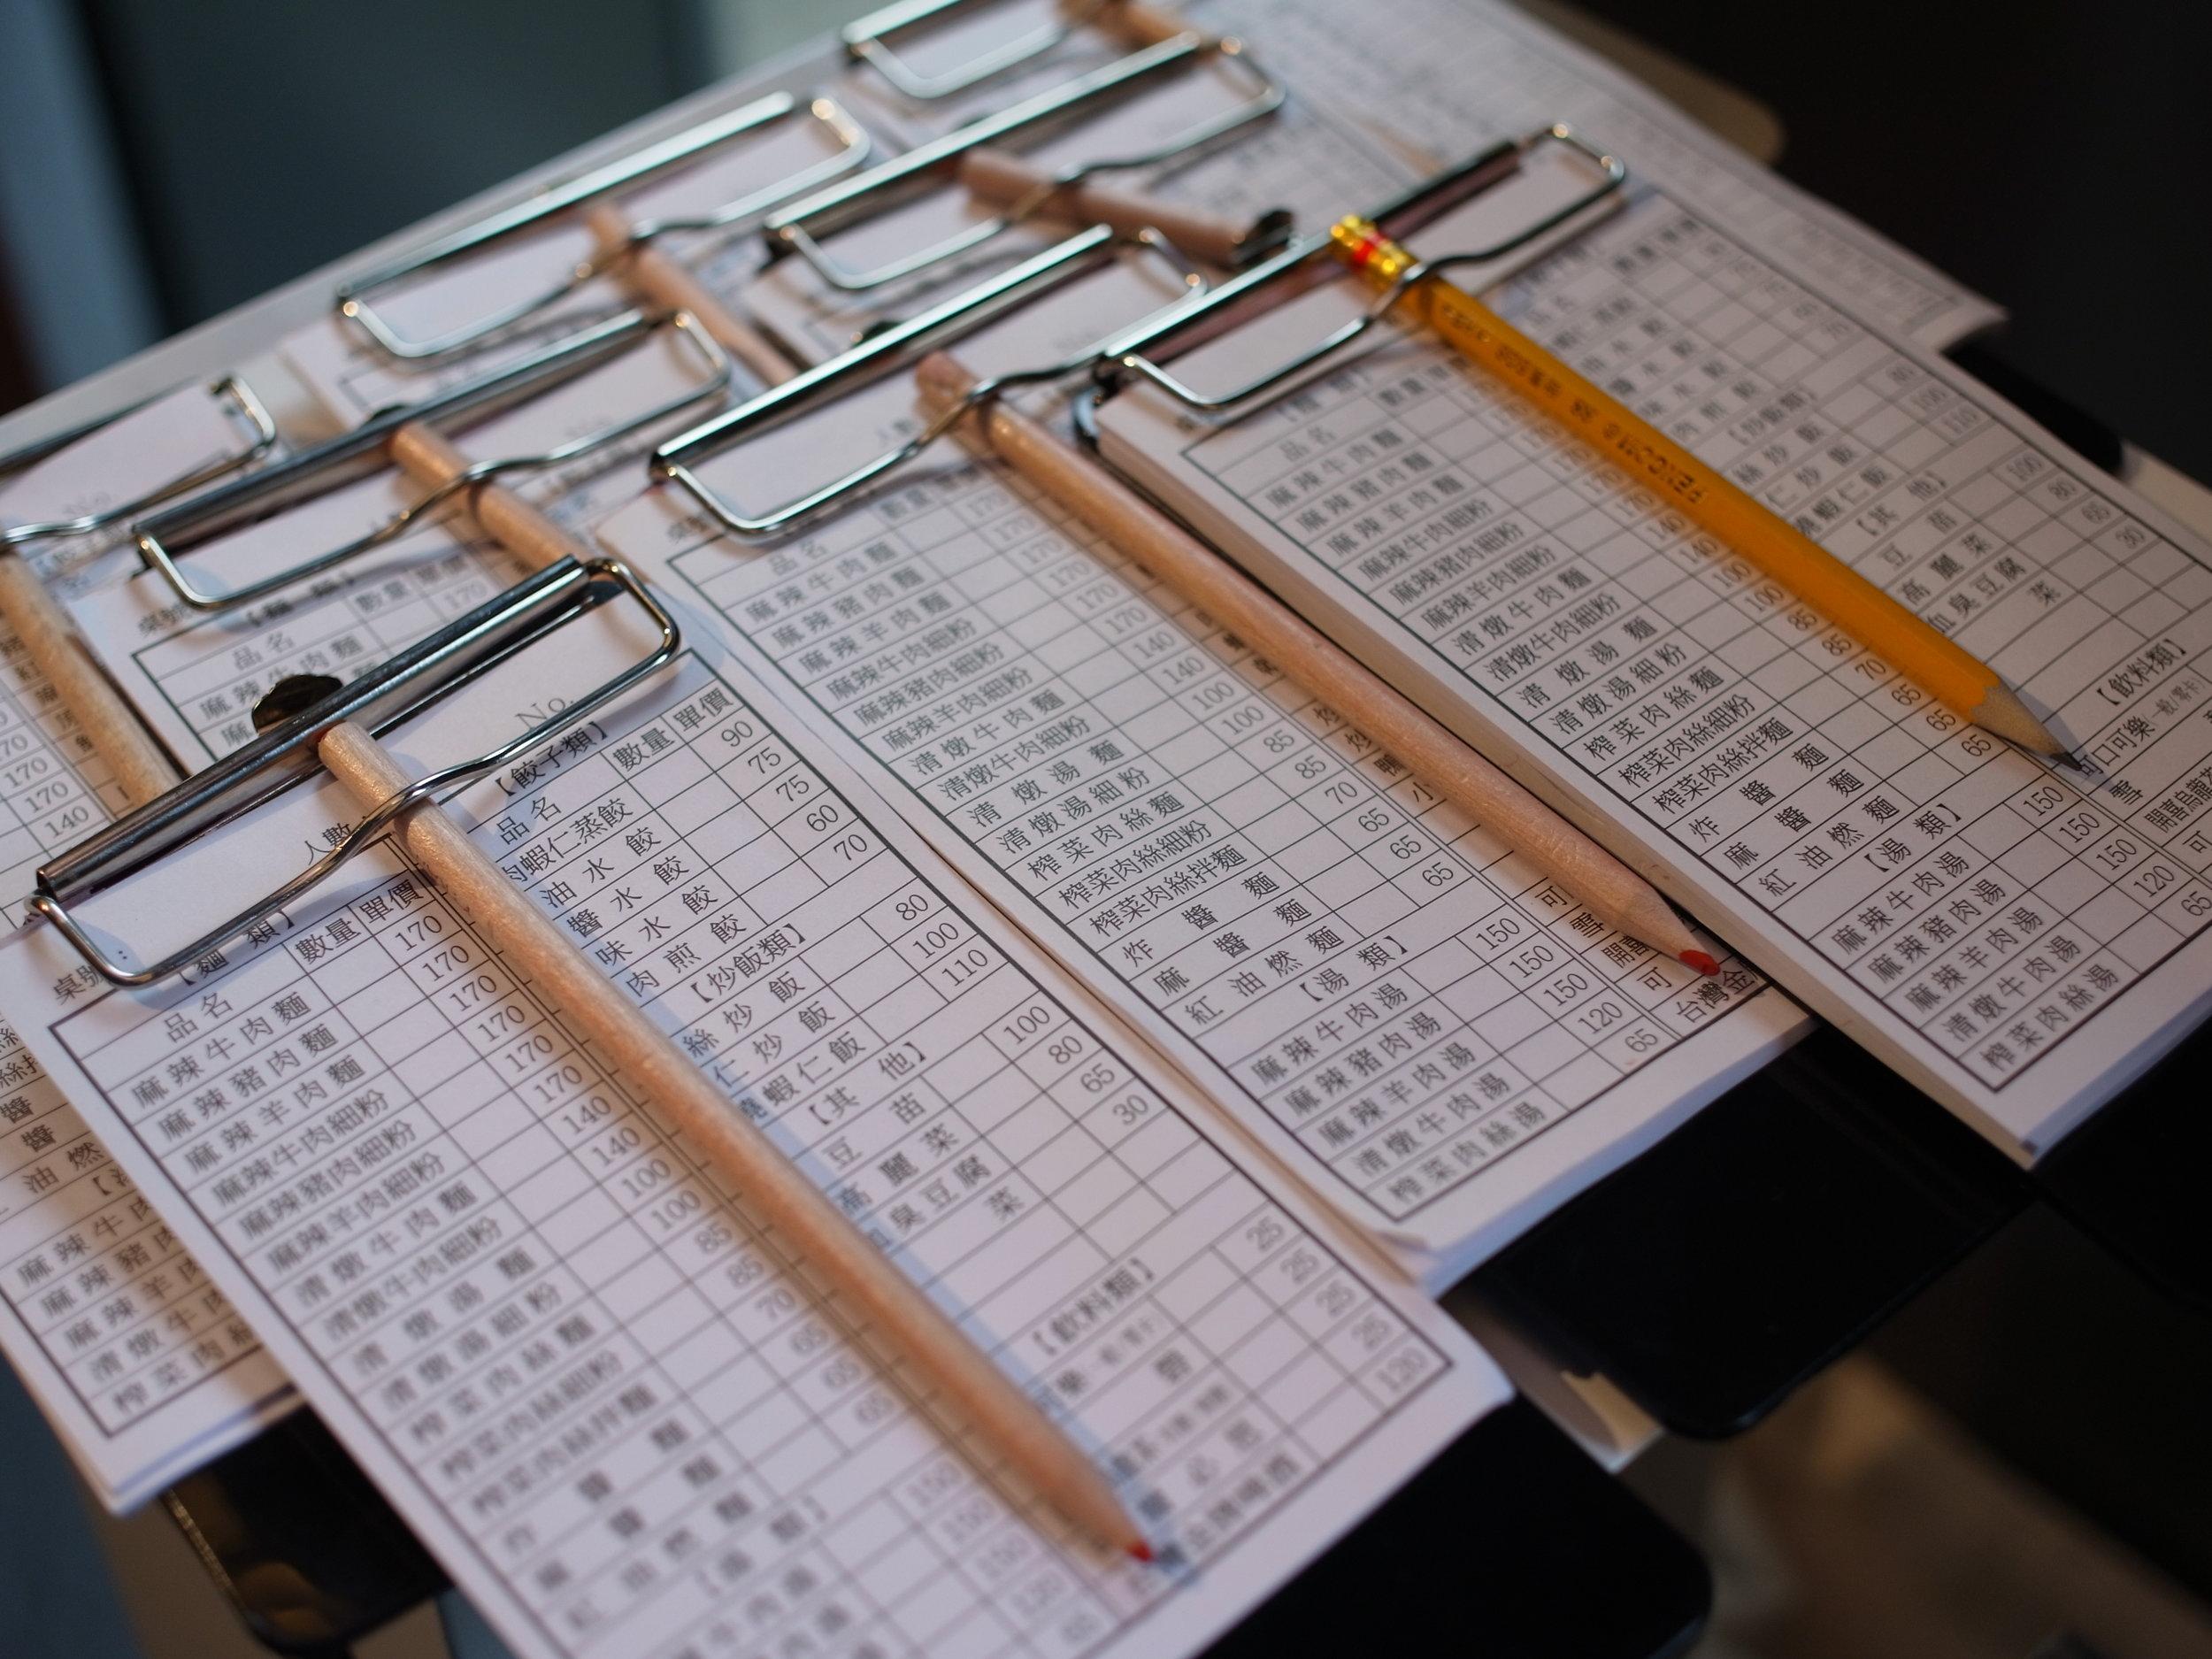 傳統記錄方式早已被系統化的記錄取代